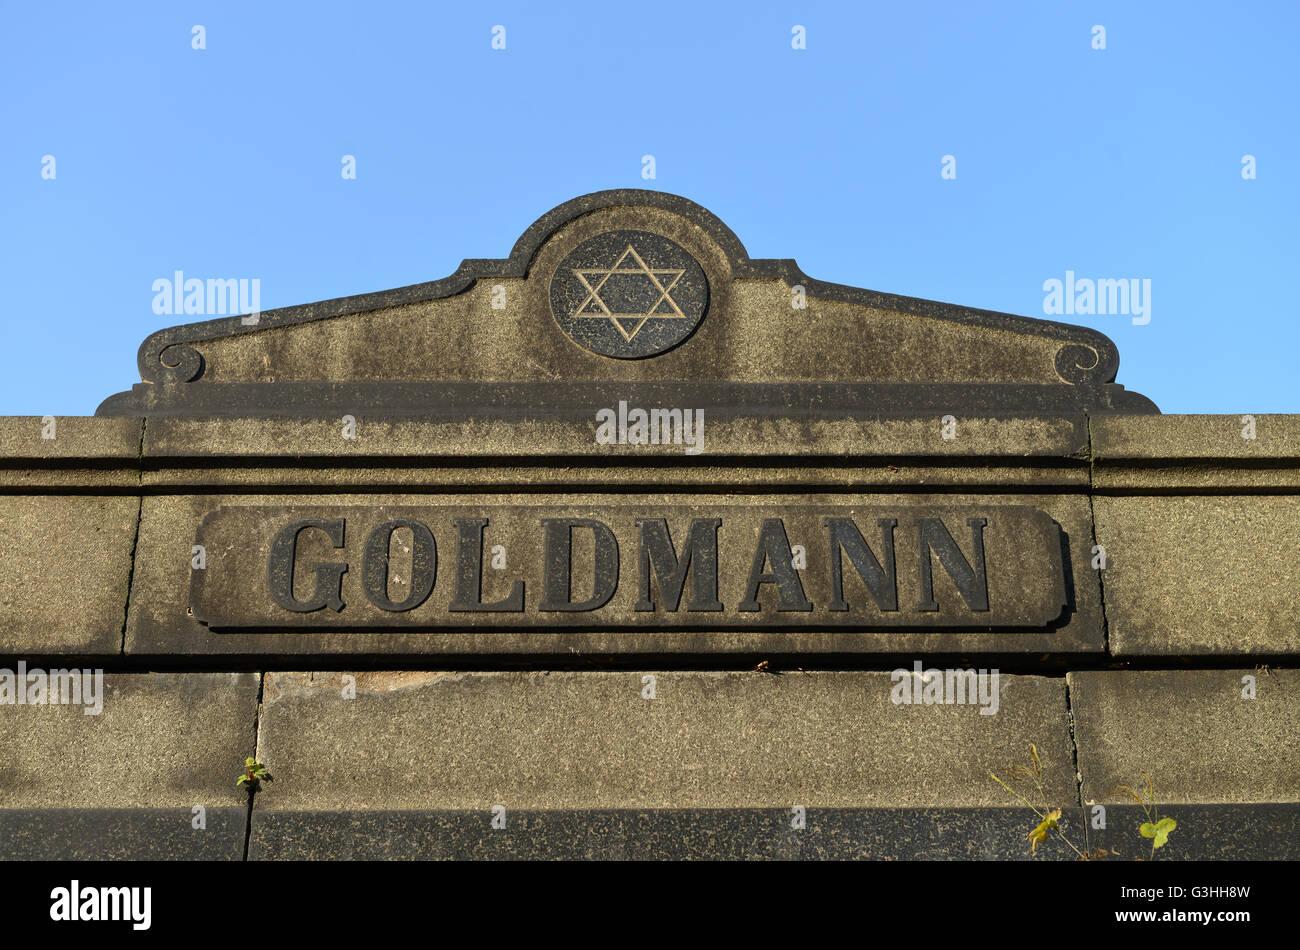 Familiengrab, Goldmann, Juedischer Friedhof, Herbert-Baum-Strasse, Weissensee, Berlin, Deutschland - Stock Image